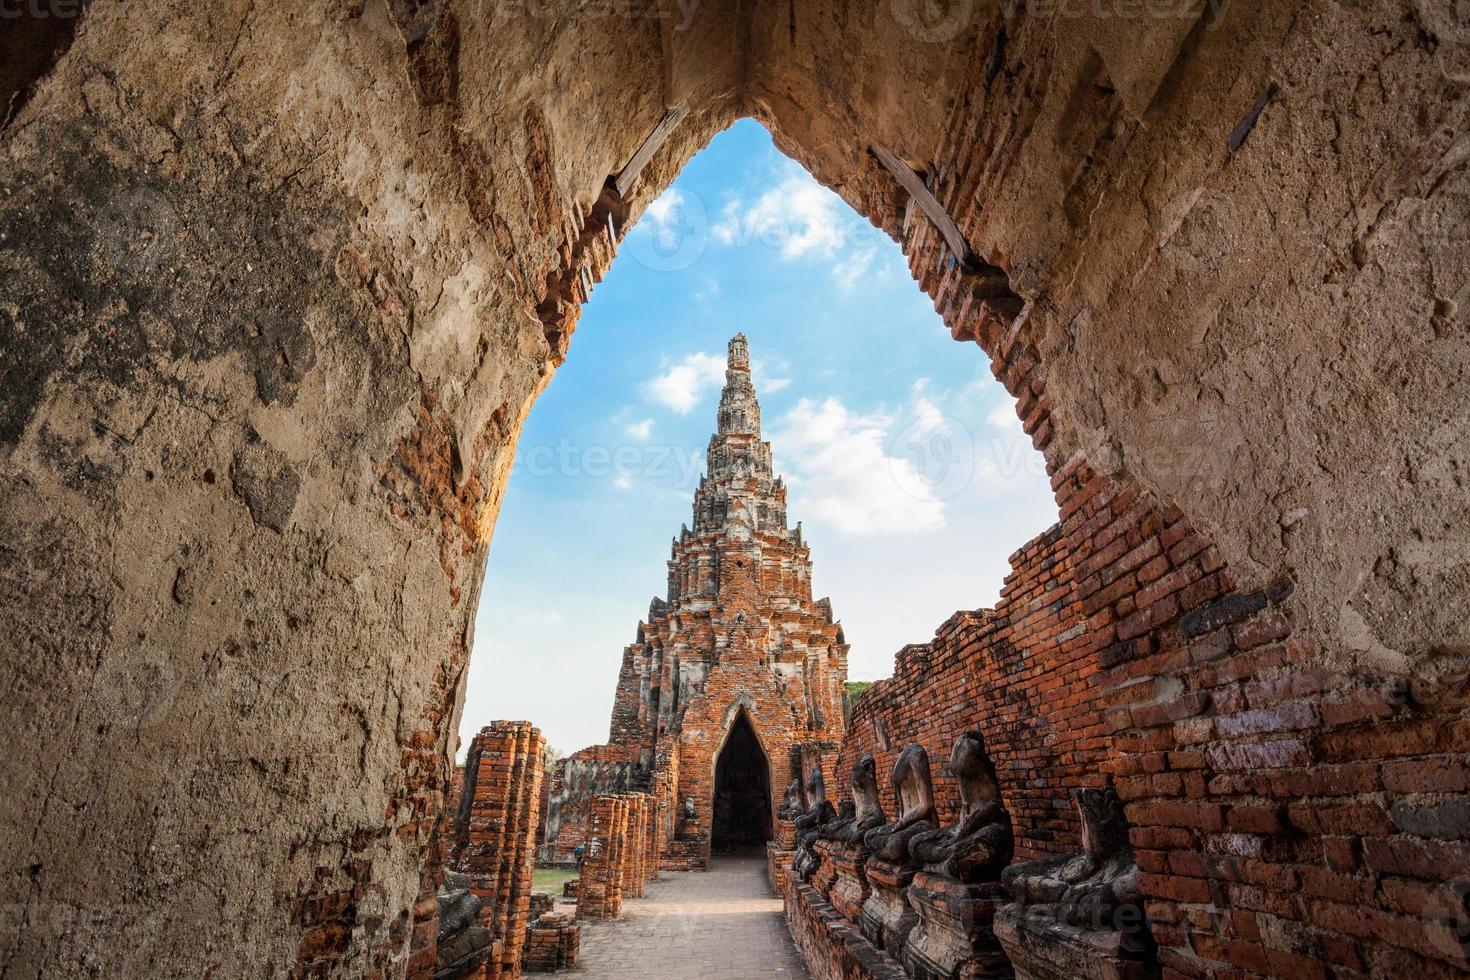 pagode et temple stupa dans la ville antique photo